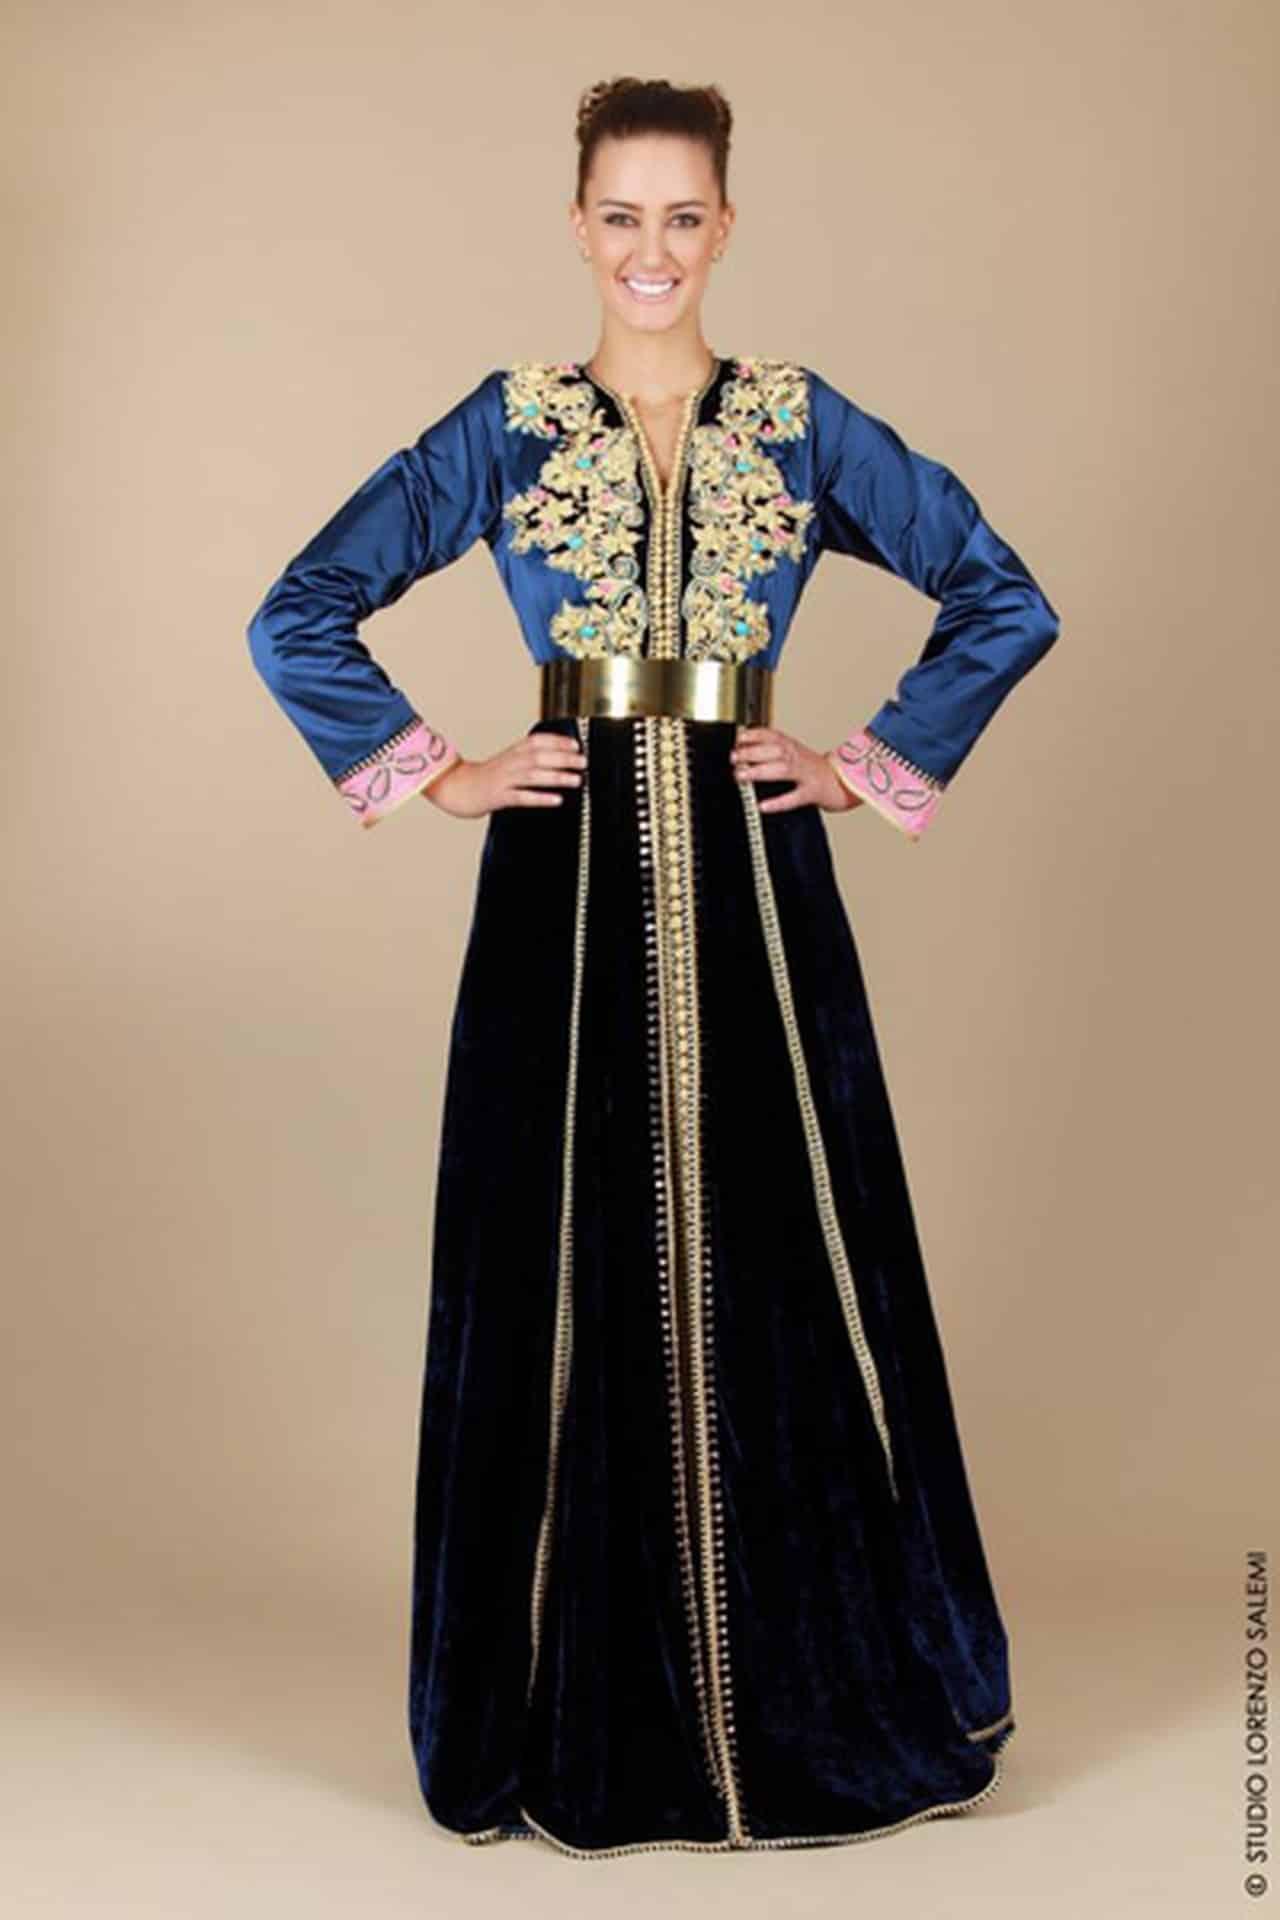 صور مميزة لأحدث التصميمات المغربية جميلة جدا